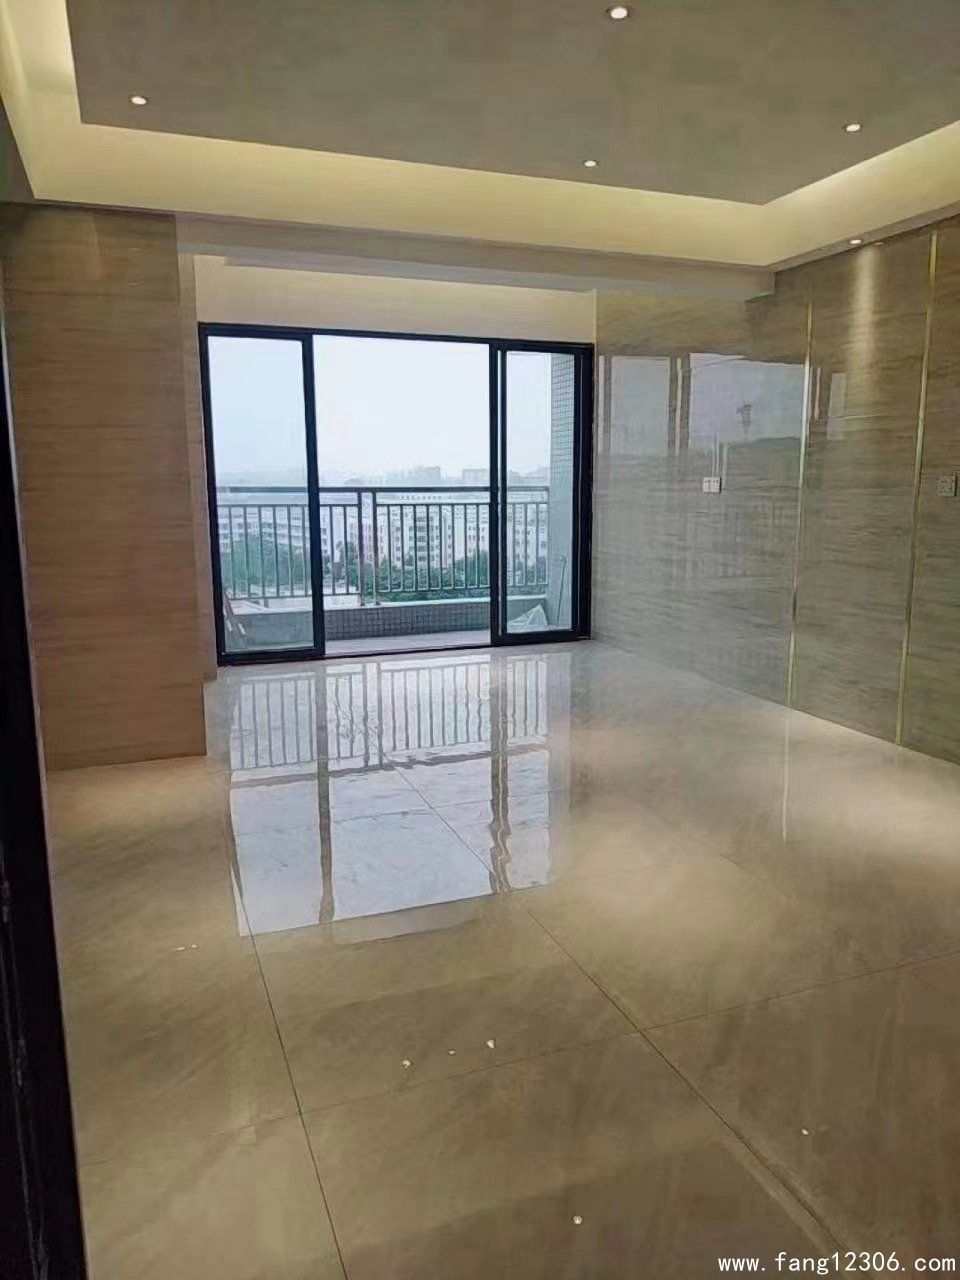 与深圳一桥之隔,长安滨海新区小